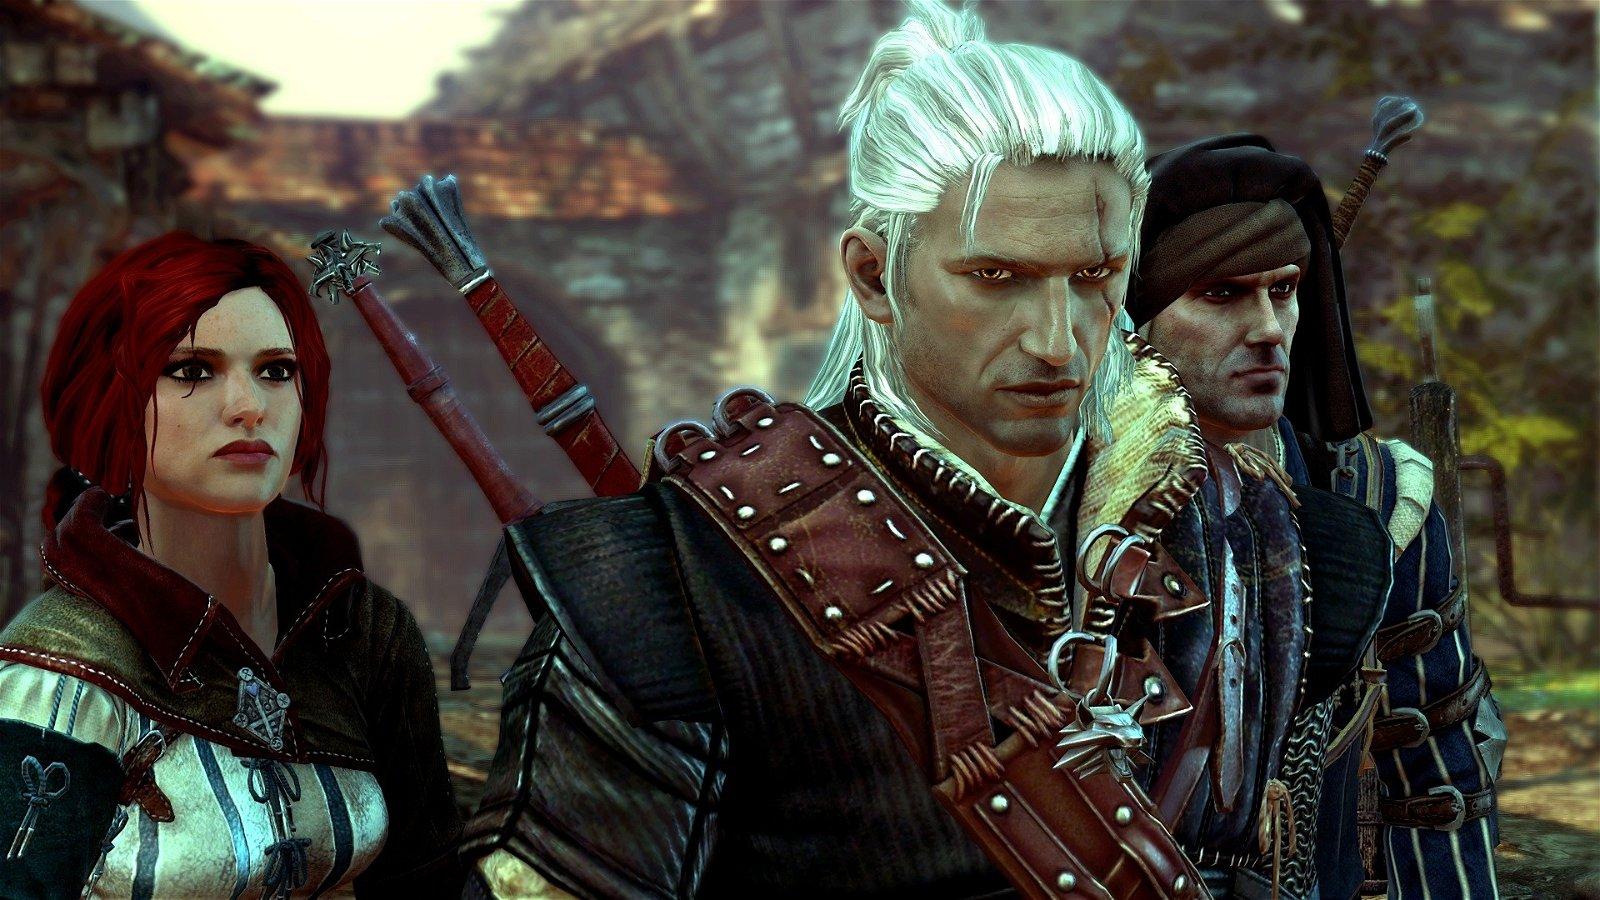 Los juegos retrocompatibles que queremos en Xbox One en 2016